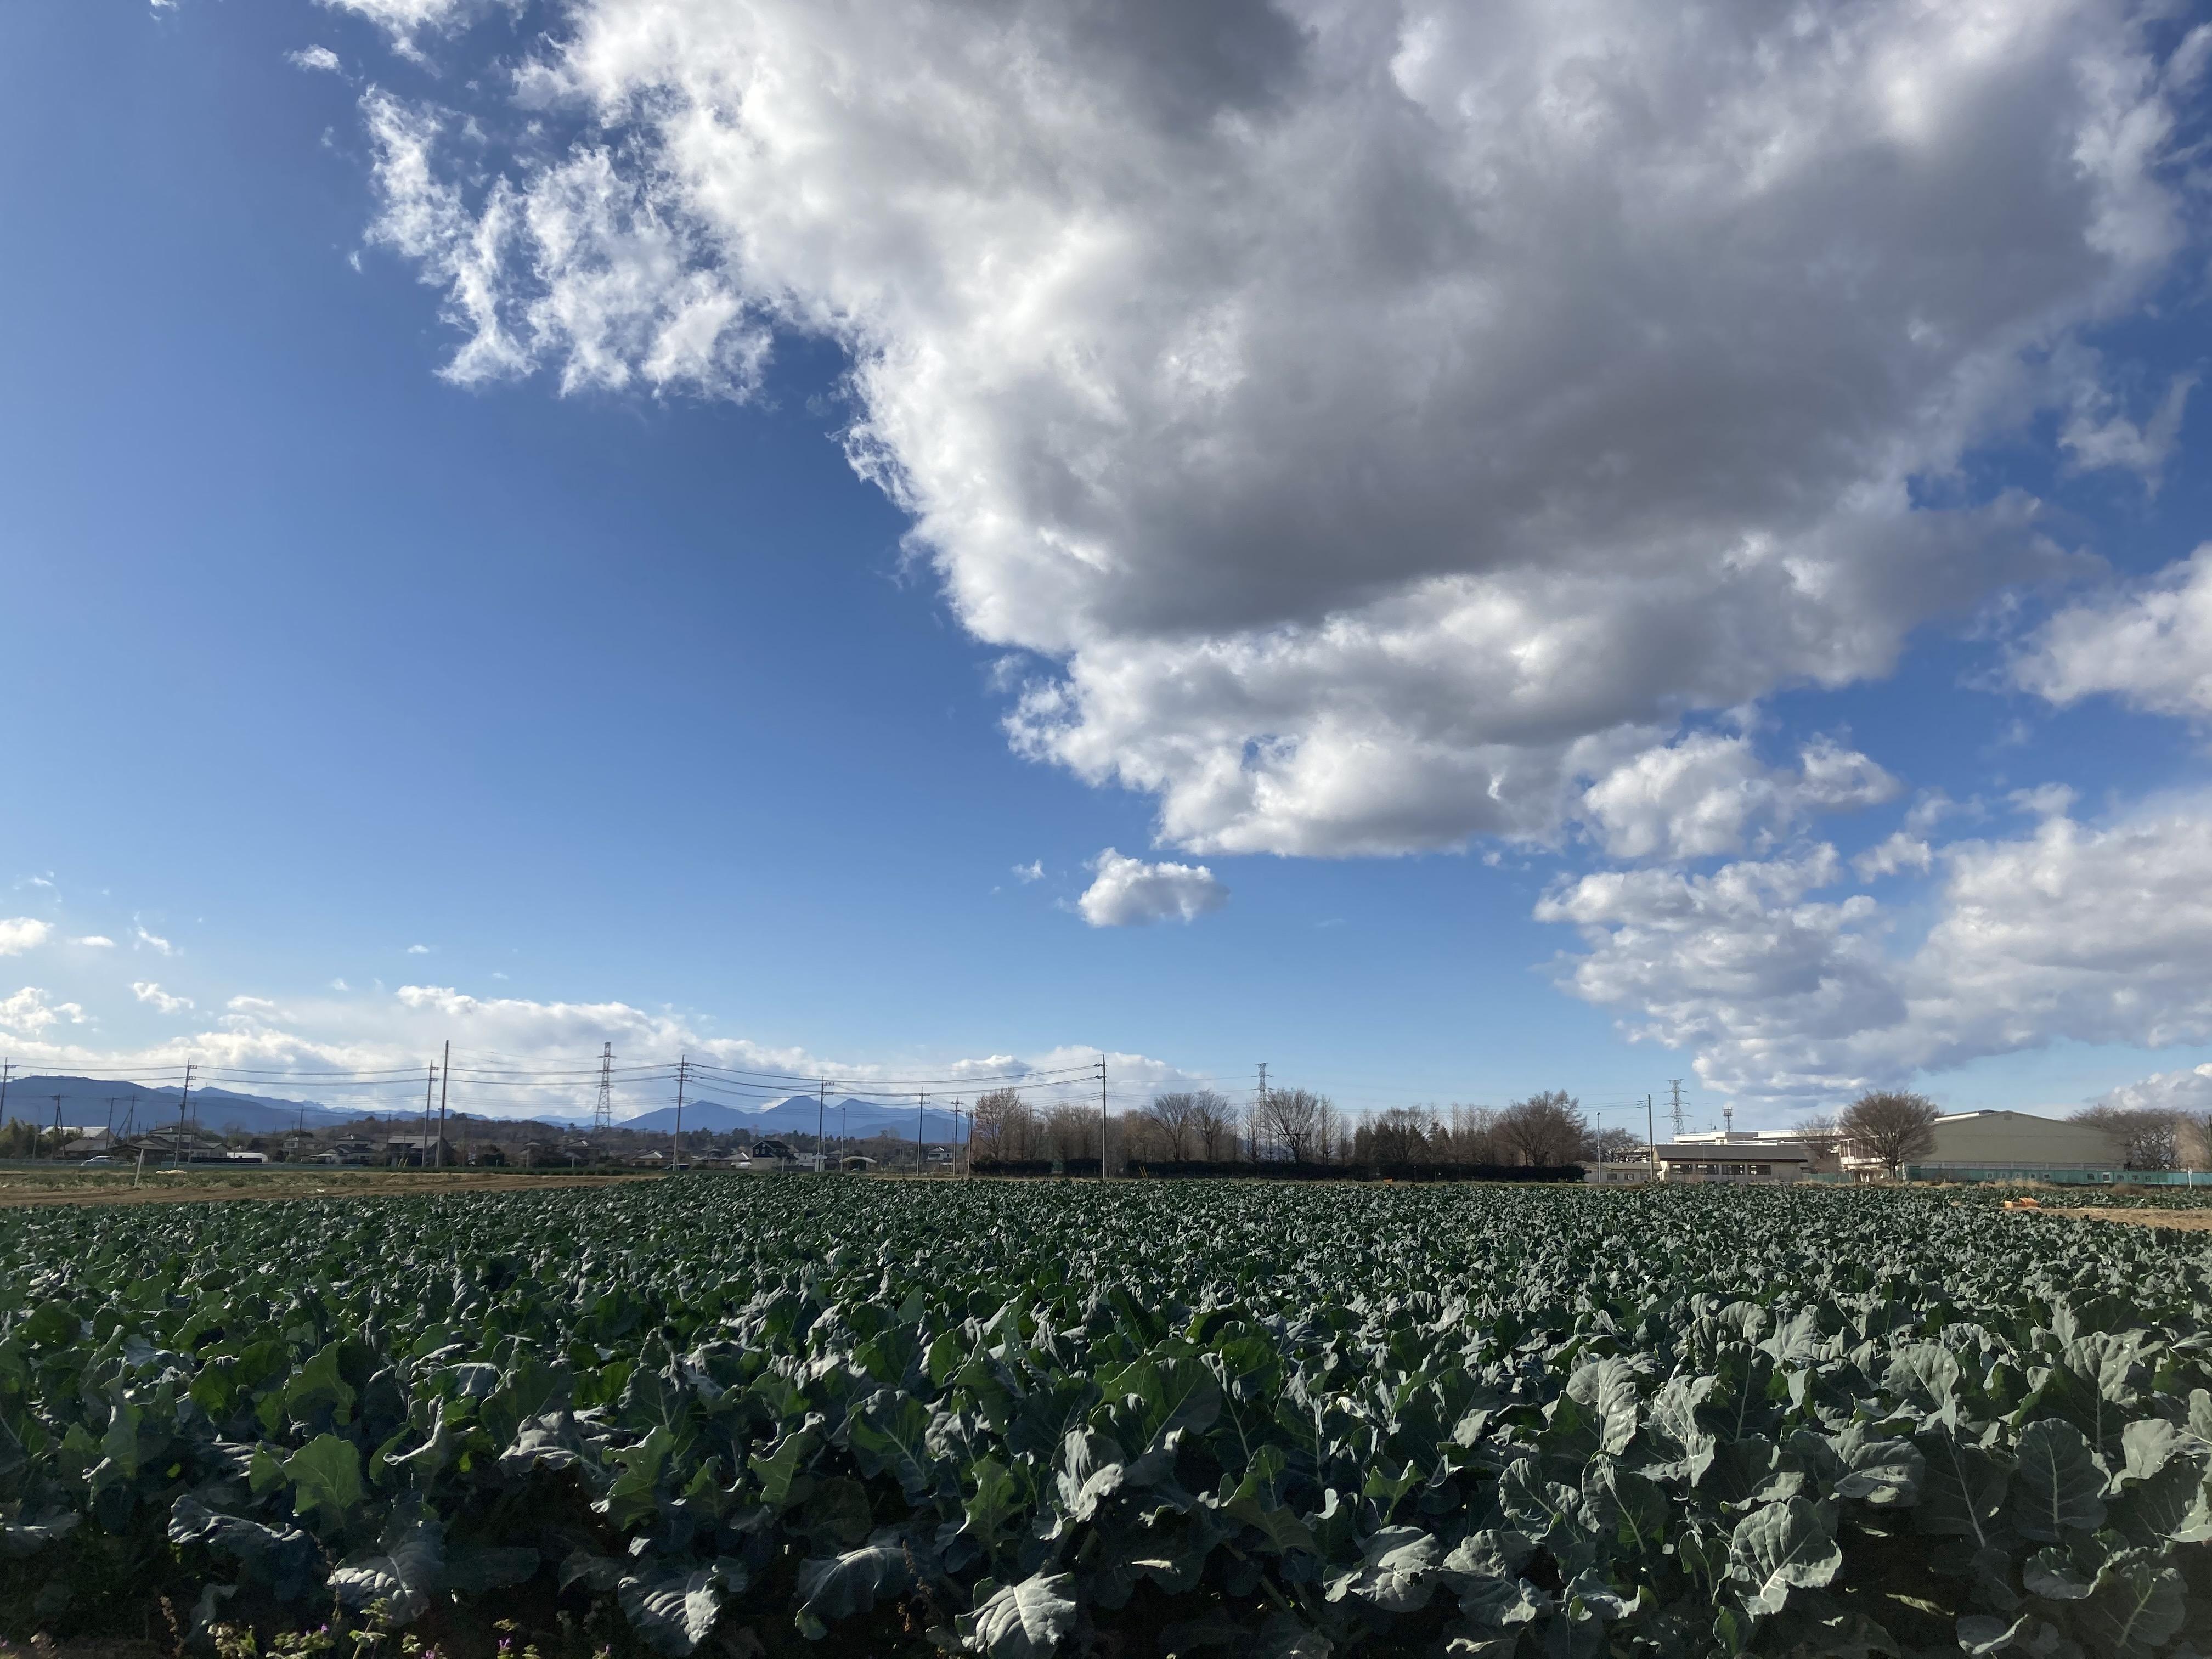 深谷市のブロッコリー畑